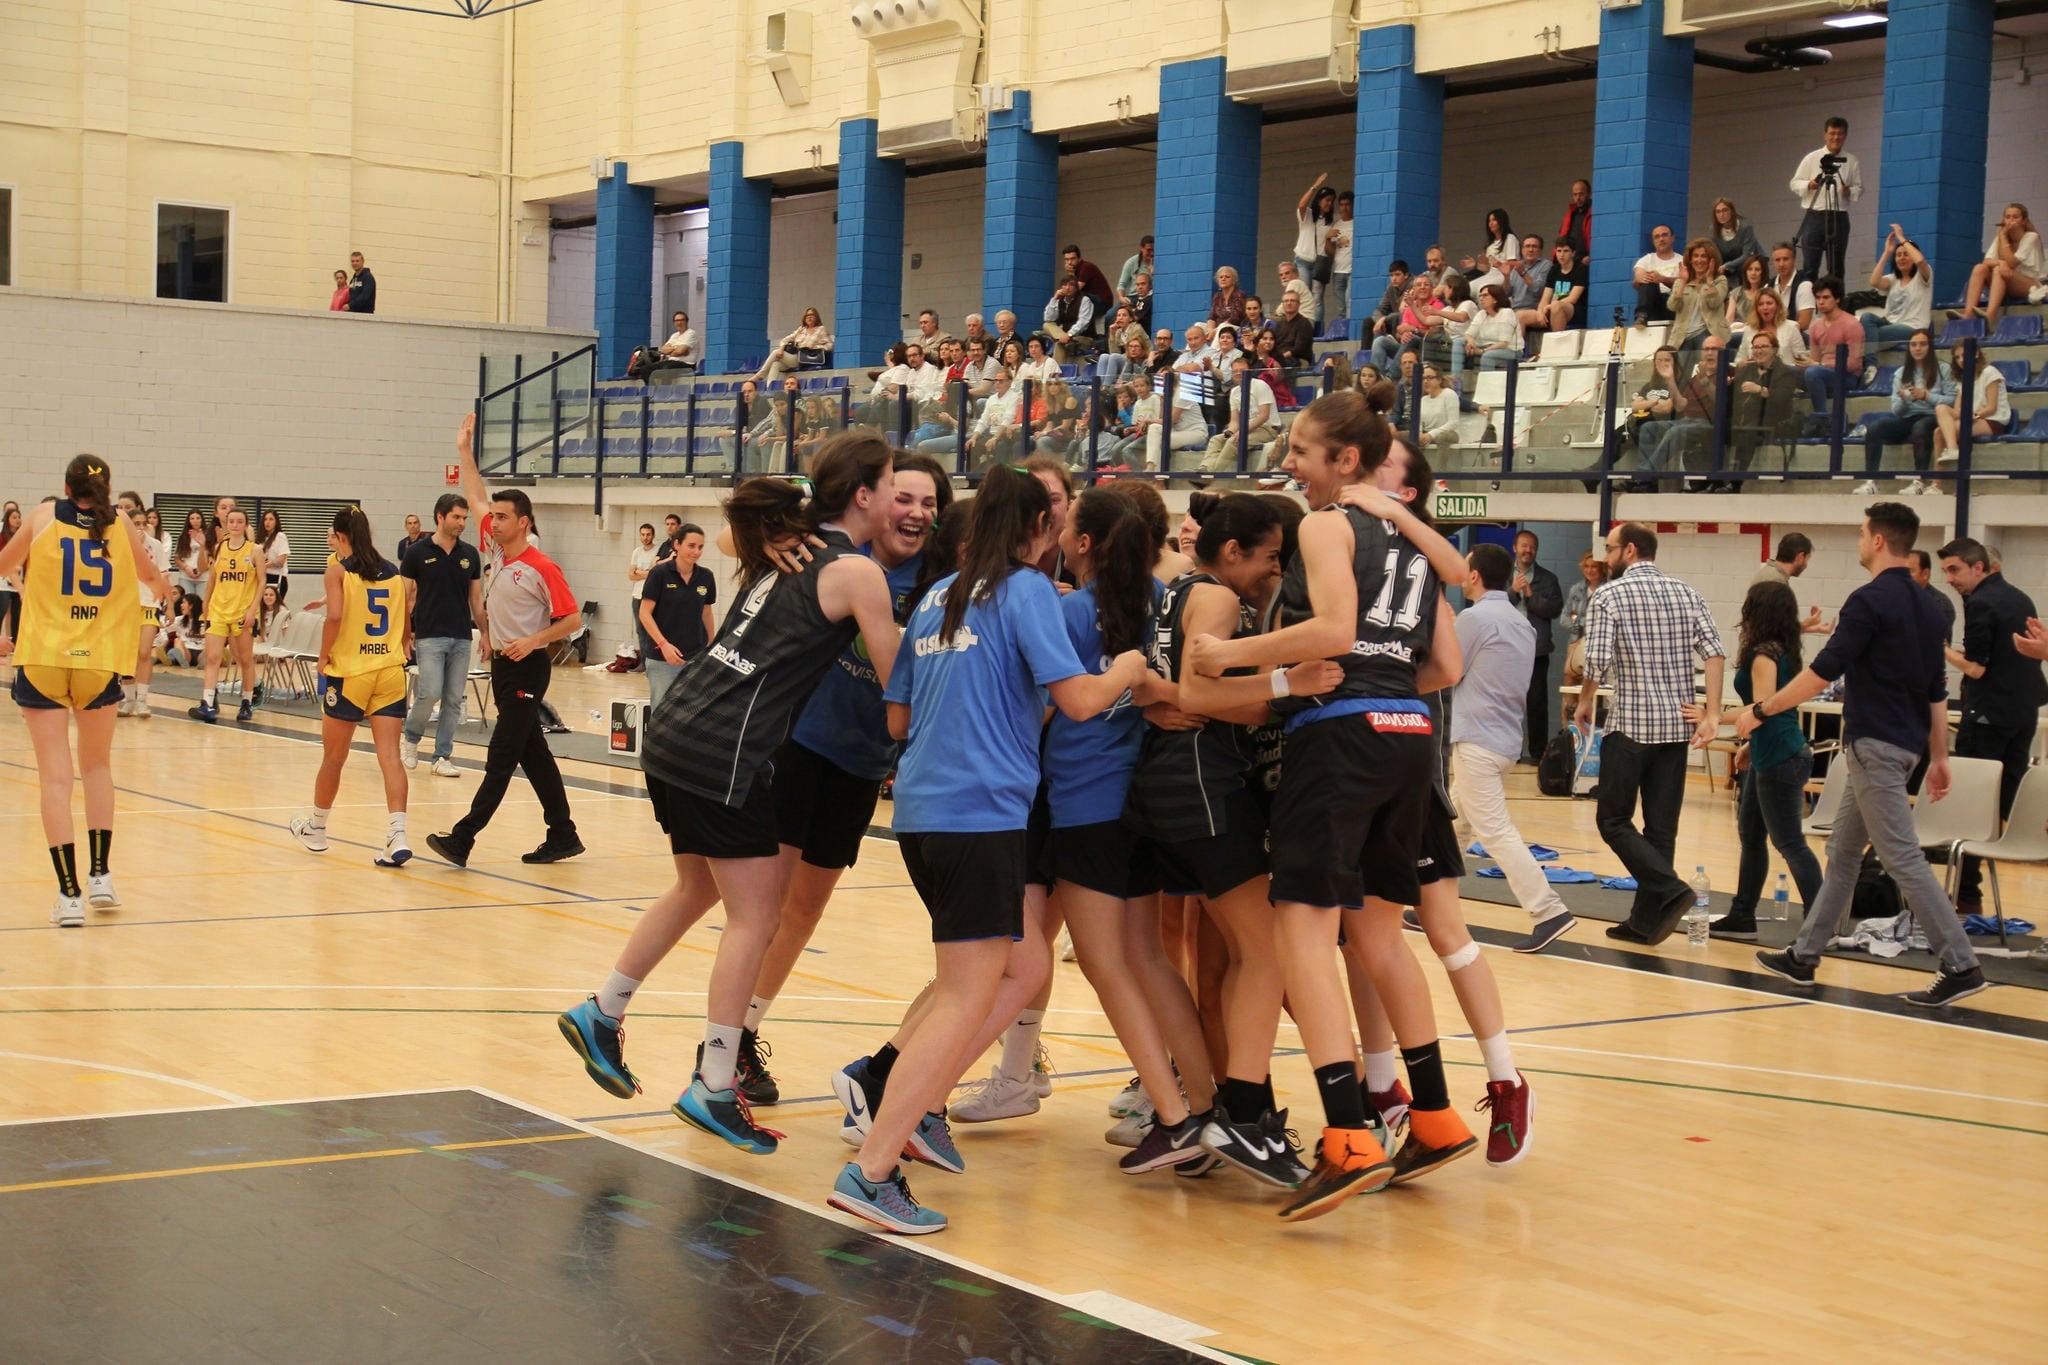 Sigue la fiesta del baloncesto femenino en Movistar Estudiantes ¡Campeonas de Madrid Cadete!